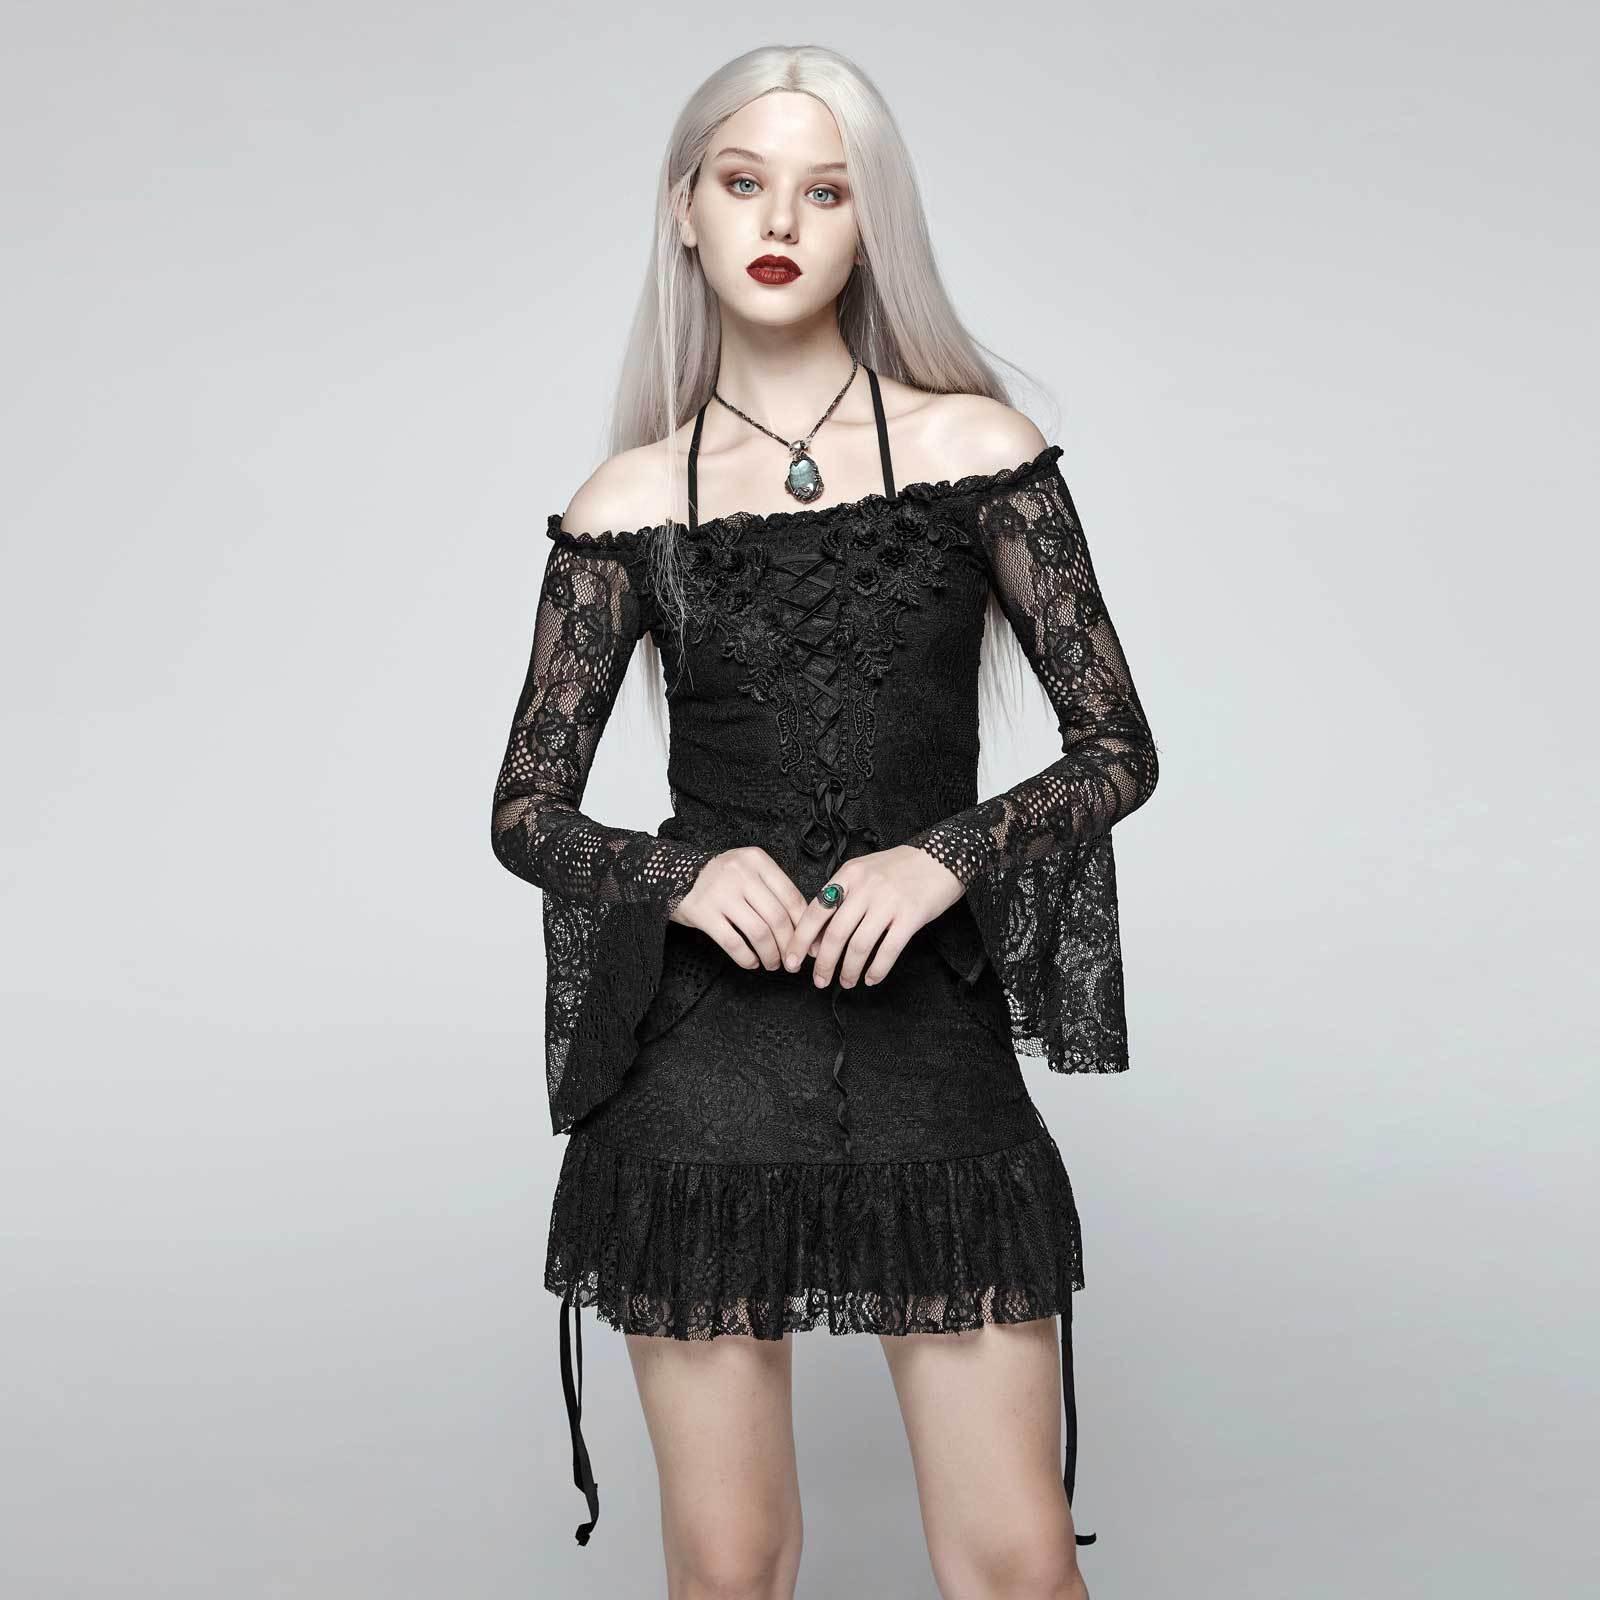 PUNK RAVE Gothic Beauty Tunika Top Traumhaftes Mini Kleid Schwarz Spitze Rüschen